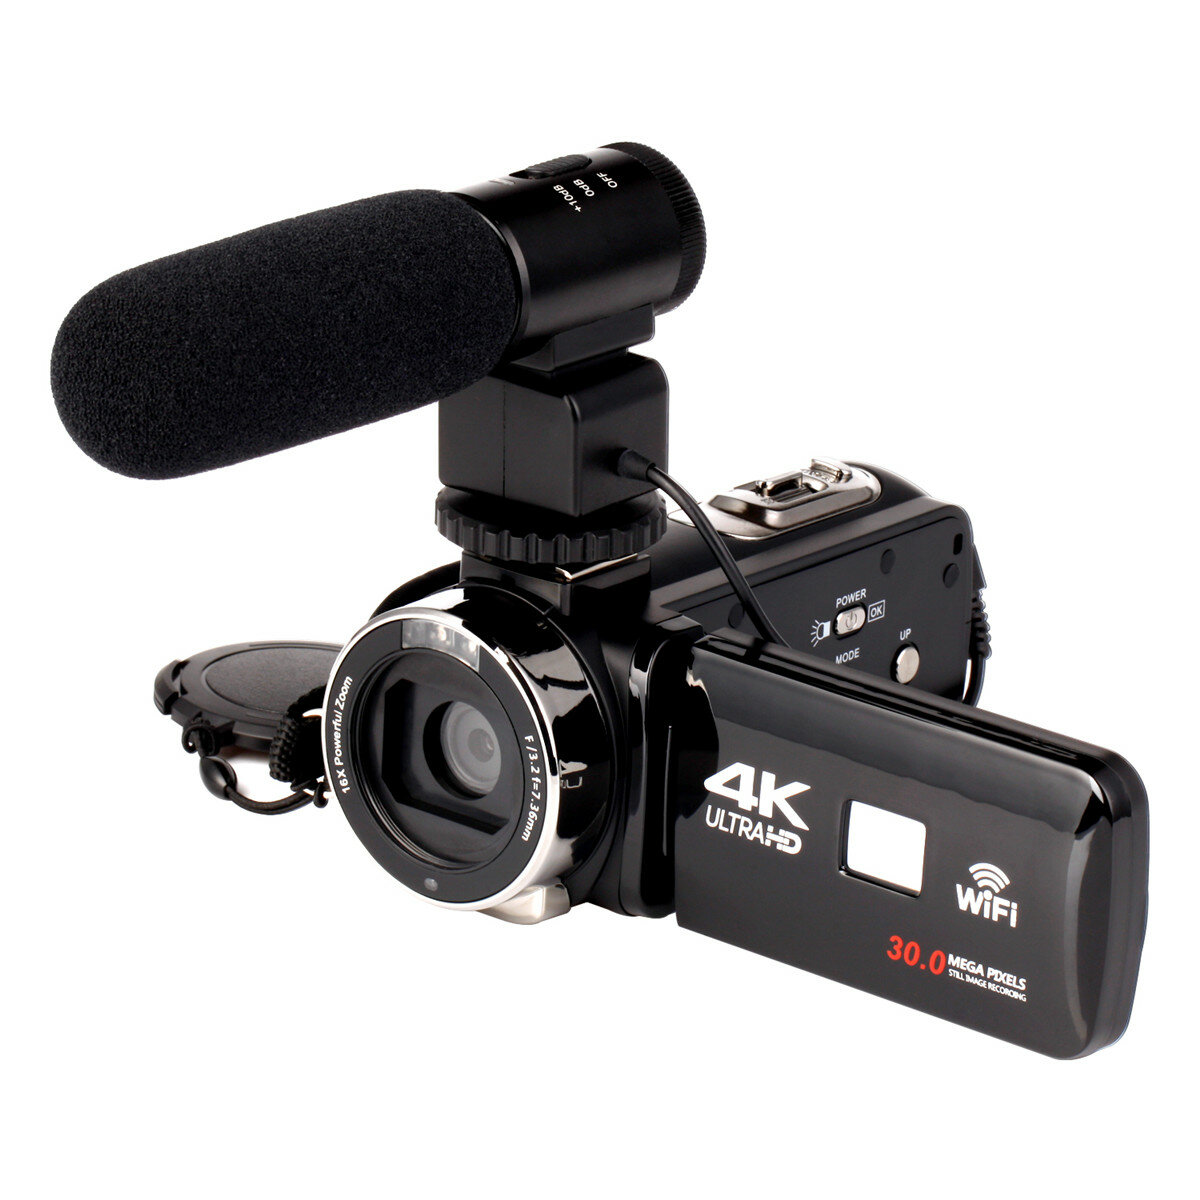 4K WiFi Ultra HD 1080P Caméscope numérique DV Caméscope 16X ZOOM avec objectif et microphone